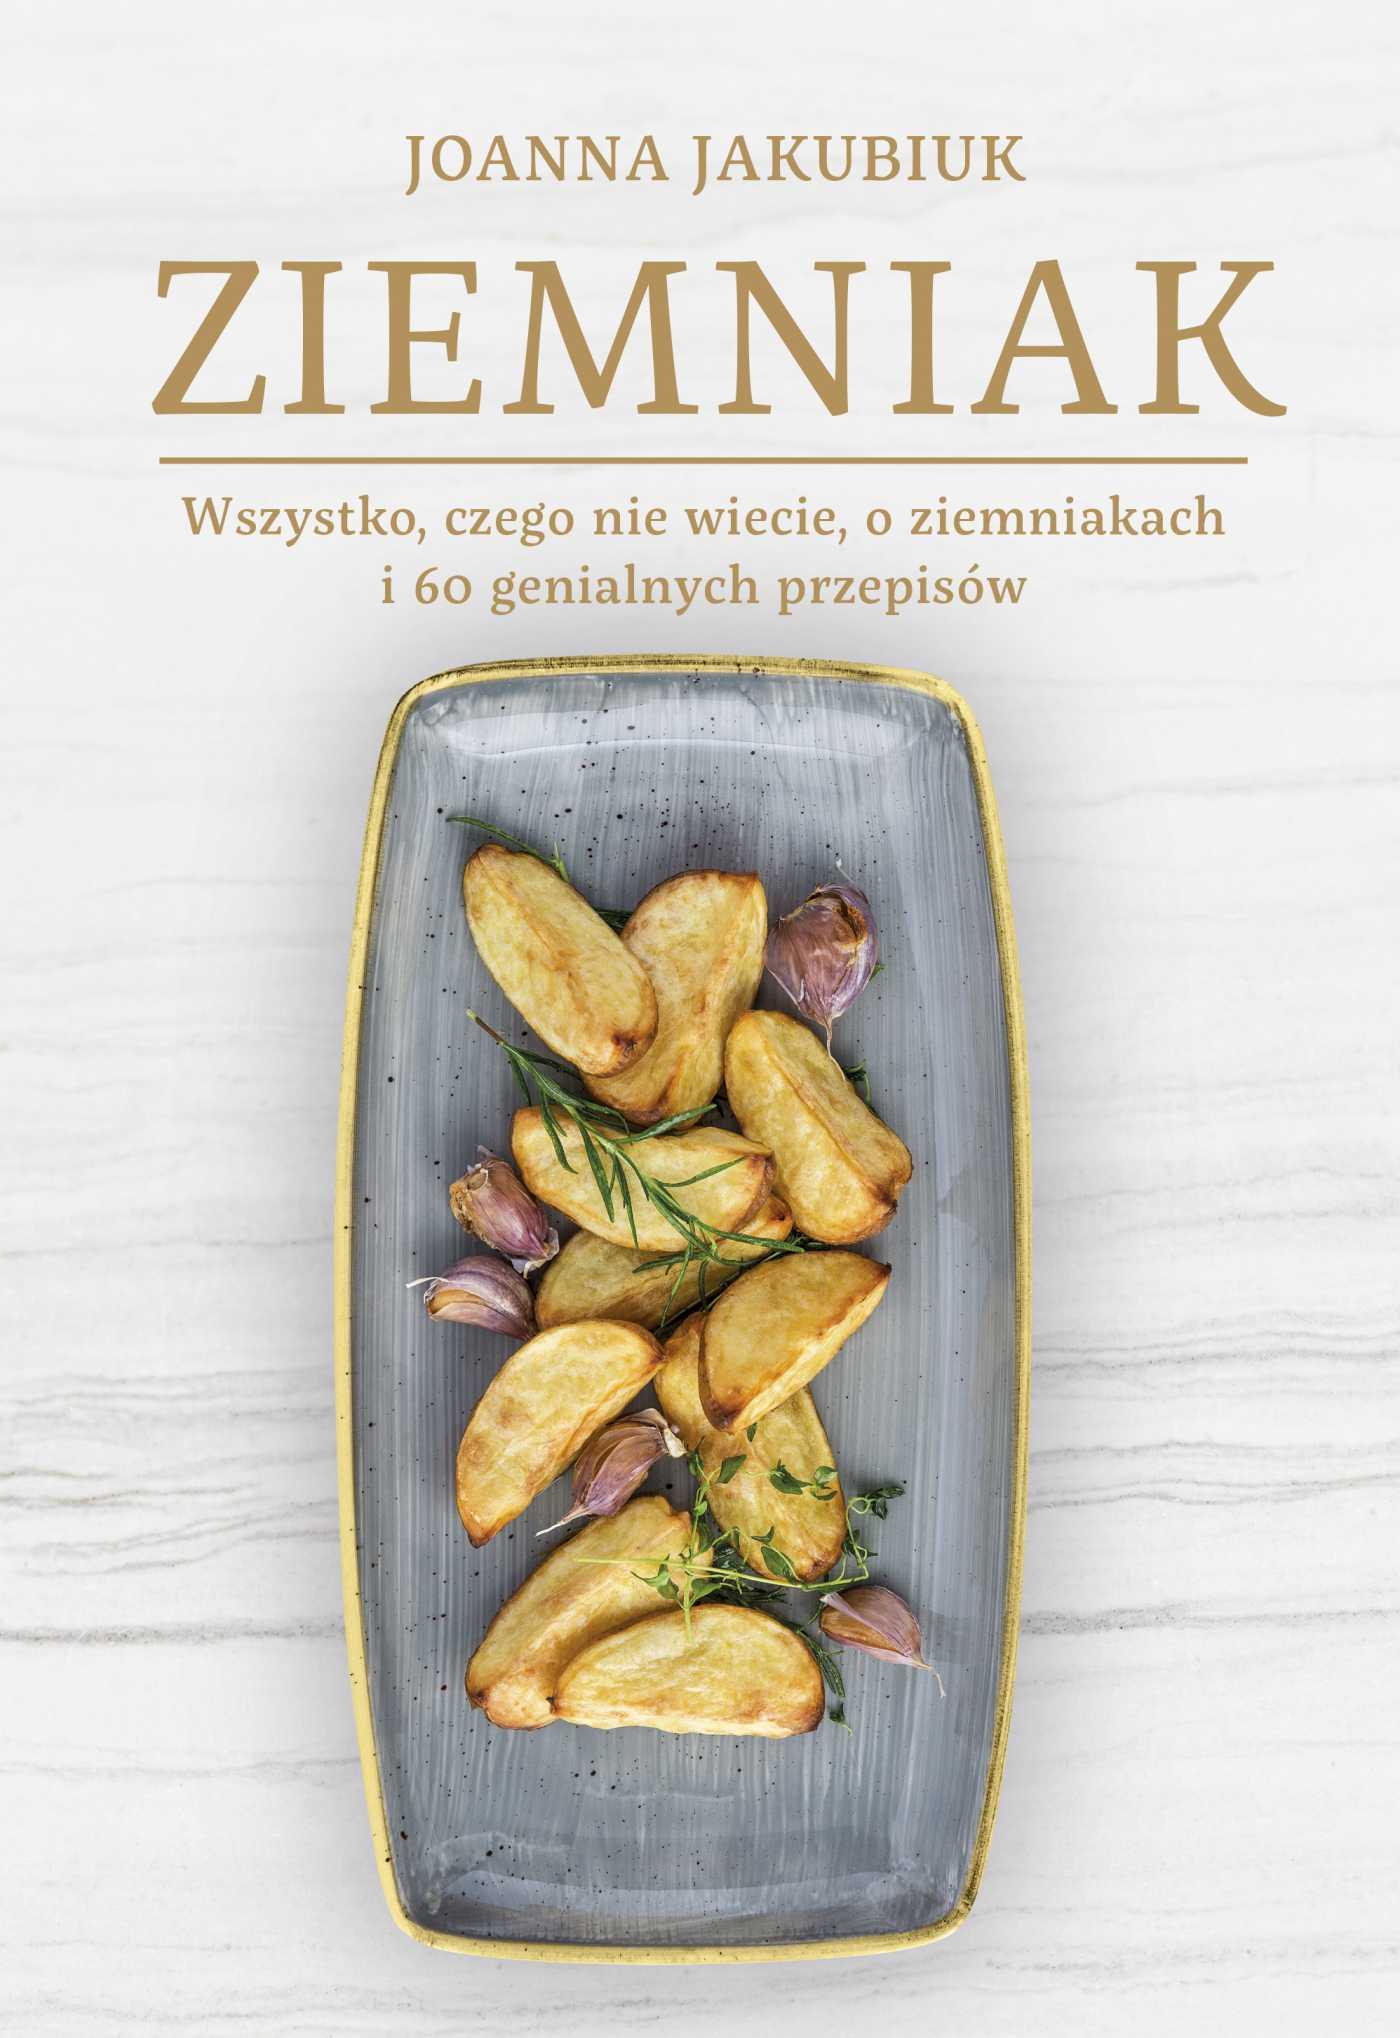 Ziemniak - Ebook (Książka EPUB) do pobrania w formacie EPUB